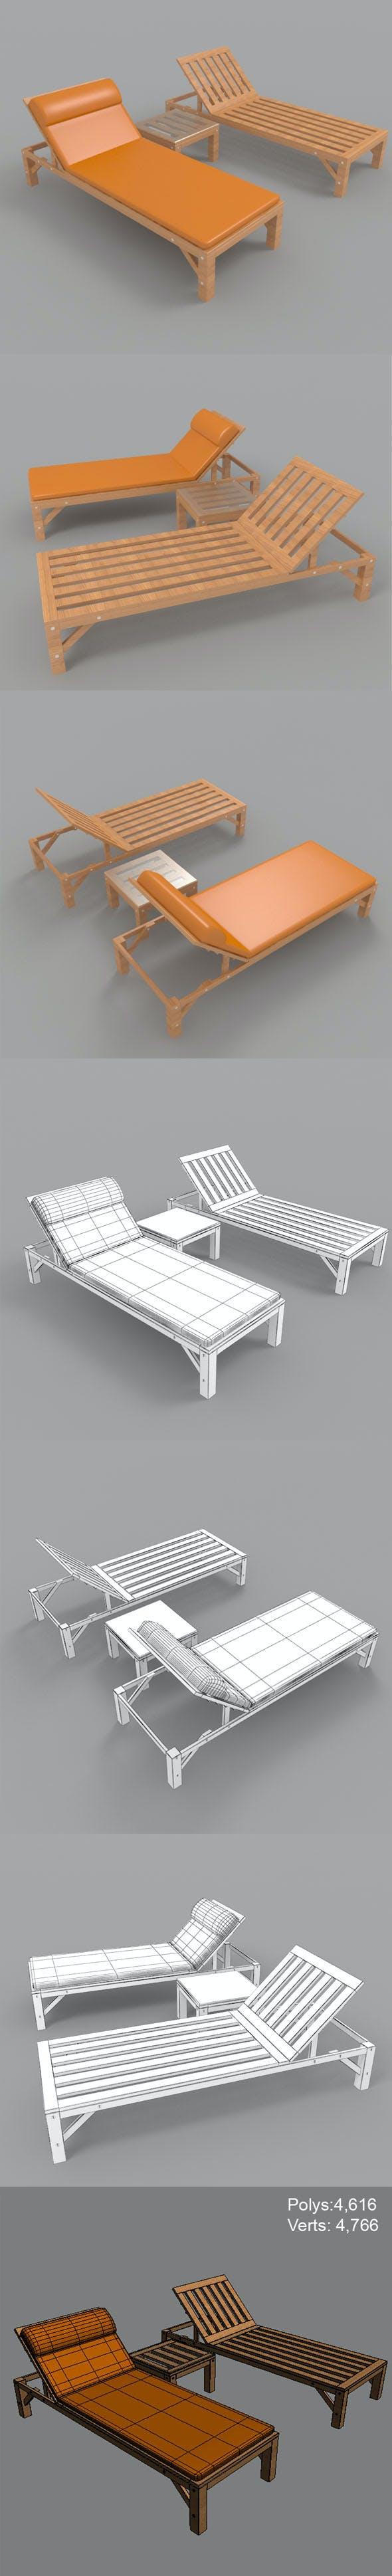 Sunbed-1 - 3DOcean Item for Sale